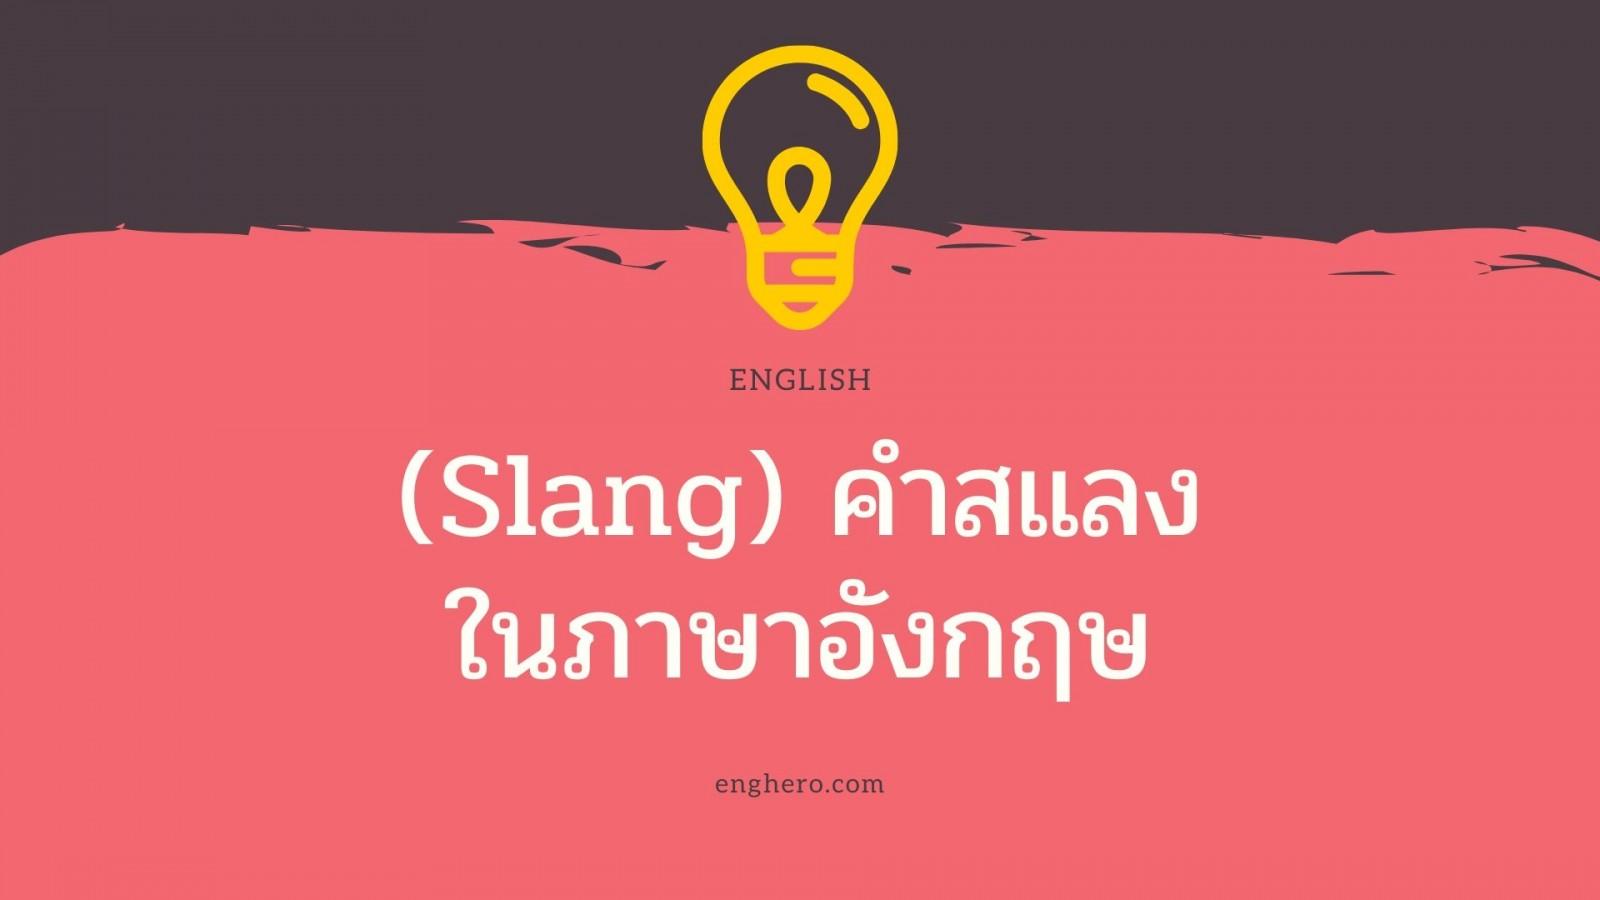 คำสแลงในภาษาอังกฤษ (Slang)